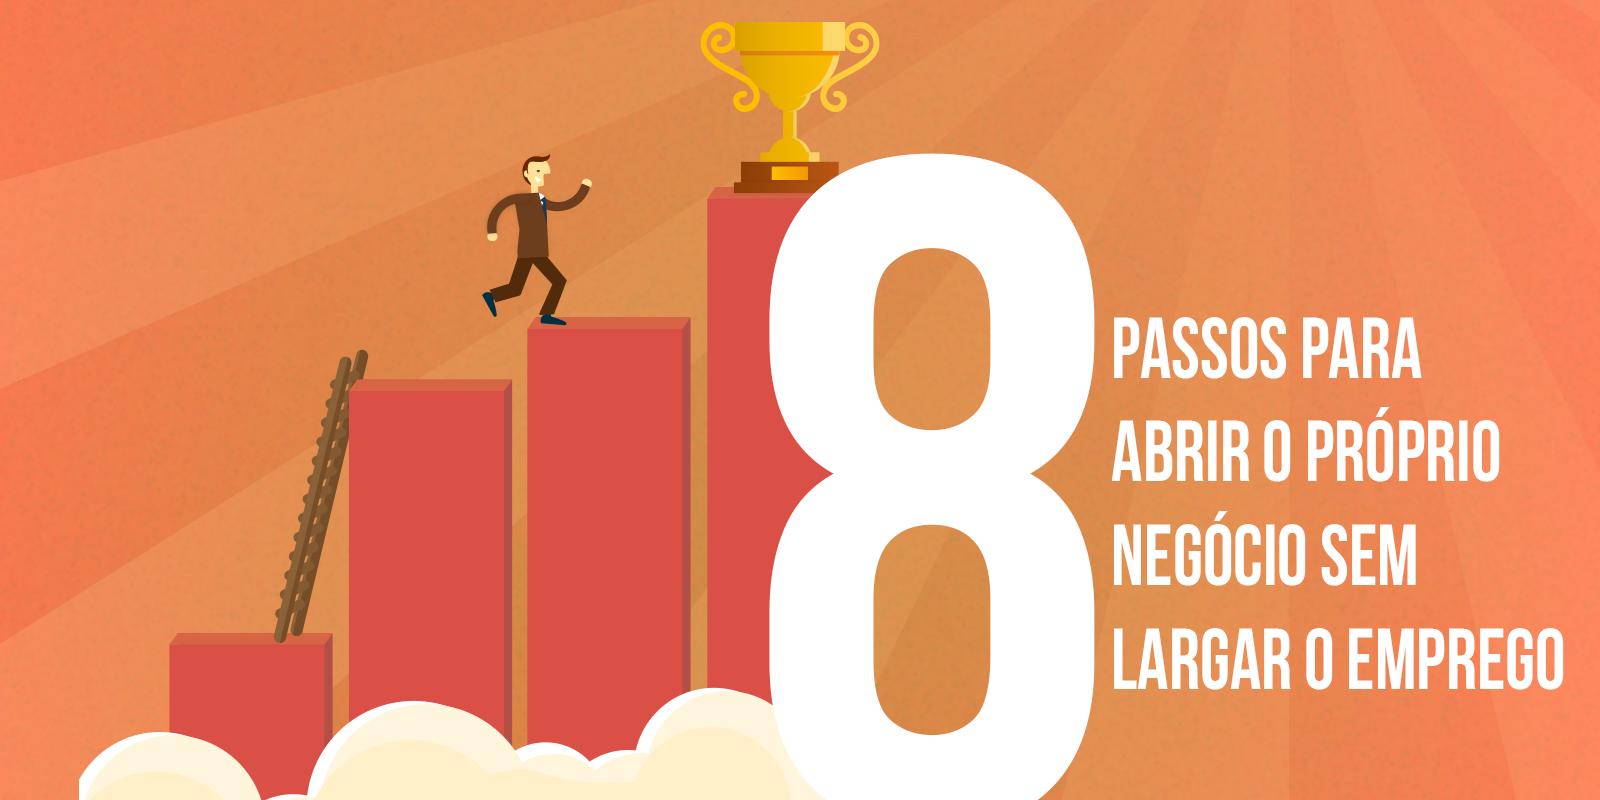 8 Passos para abrir o próprio negócio sem largar o emprego